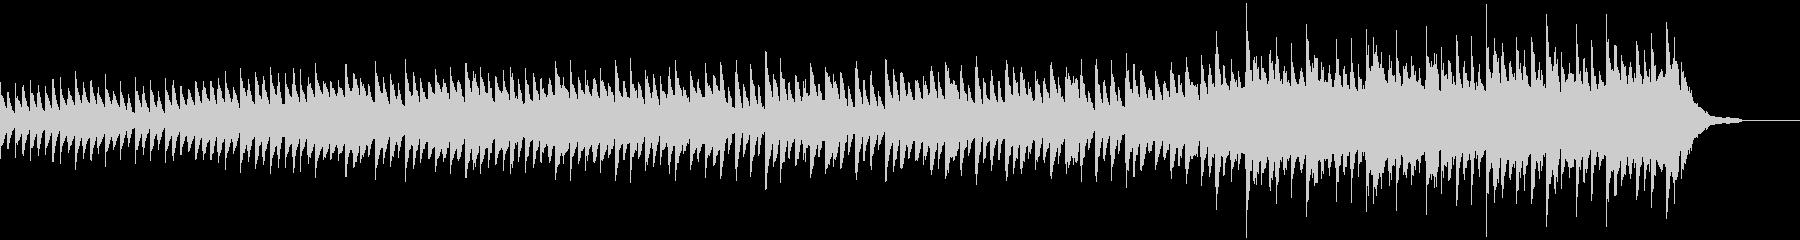 【1分】暖かで感動的なピアノの企業VPの未再生の波形